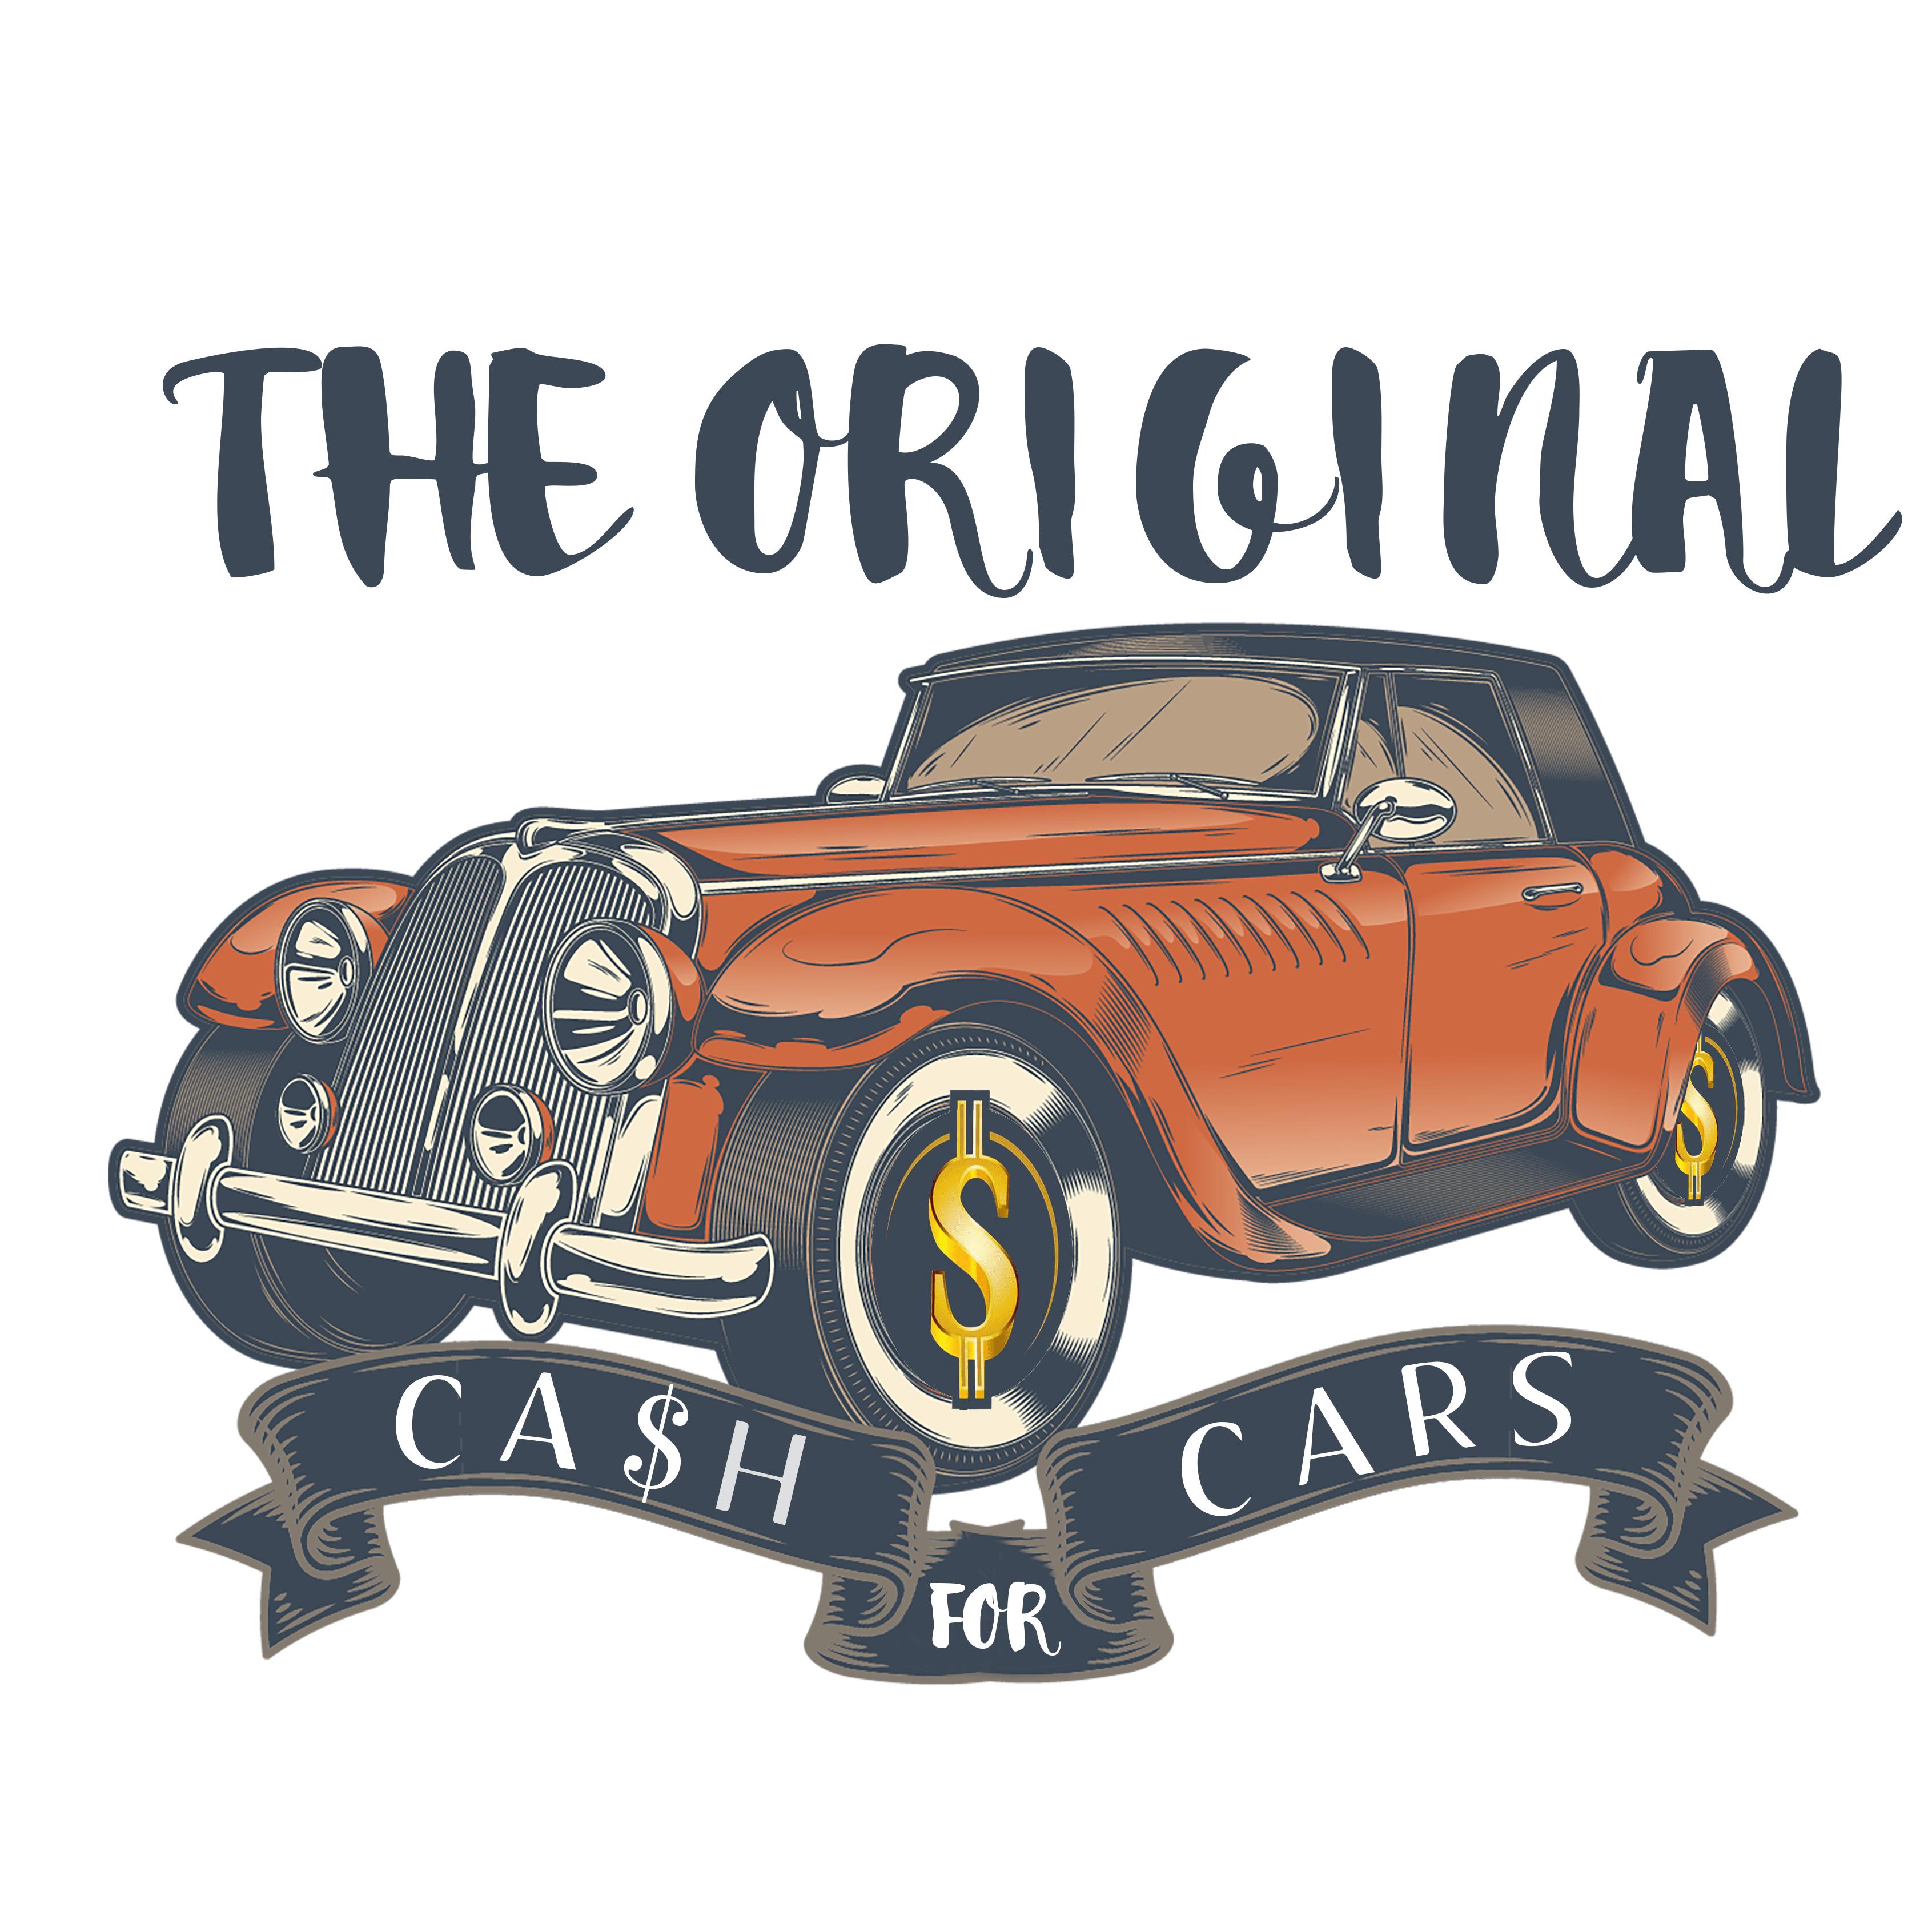 The Original Cash For Cars